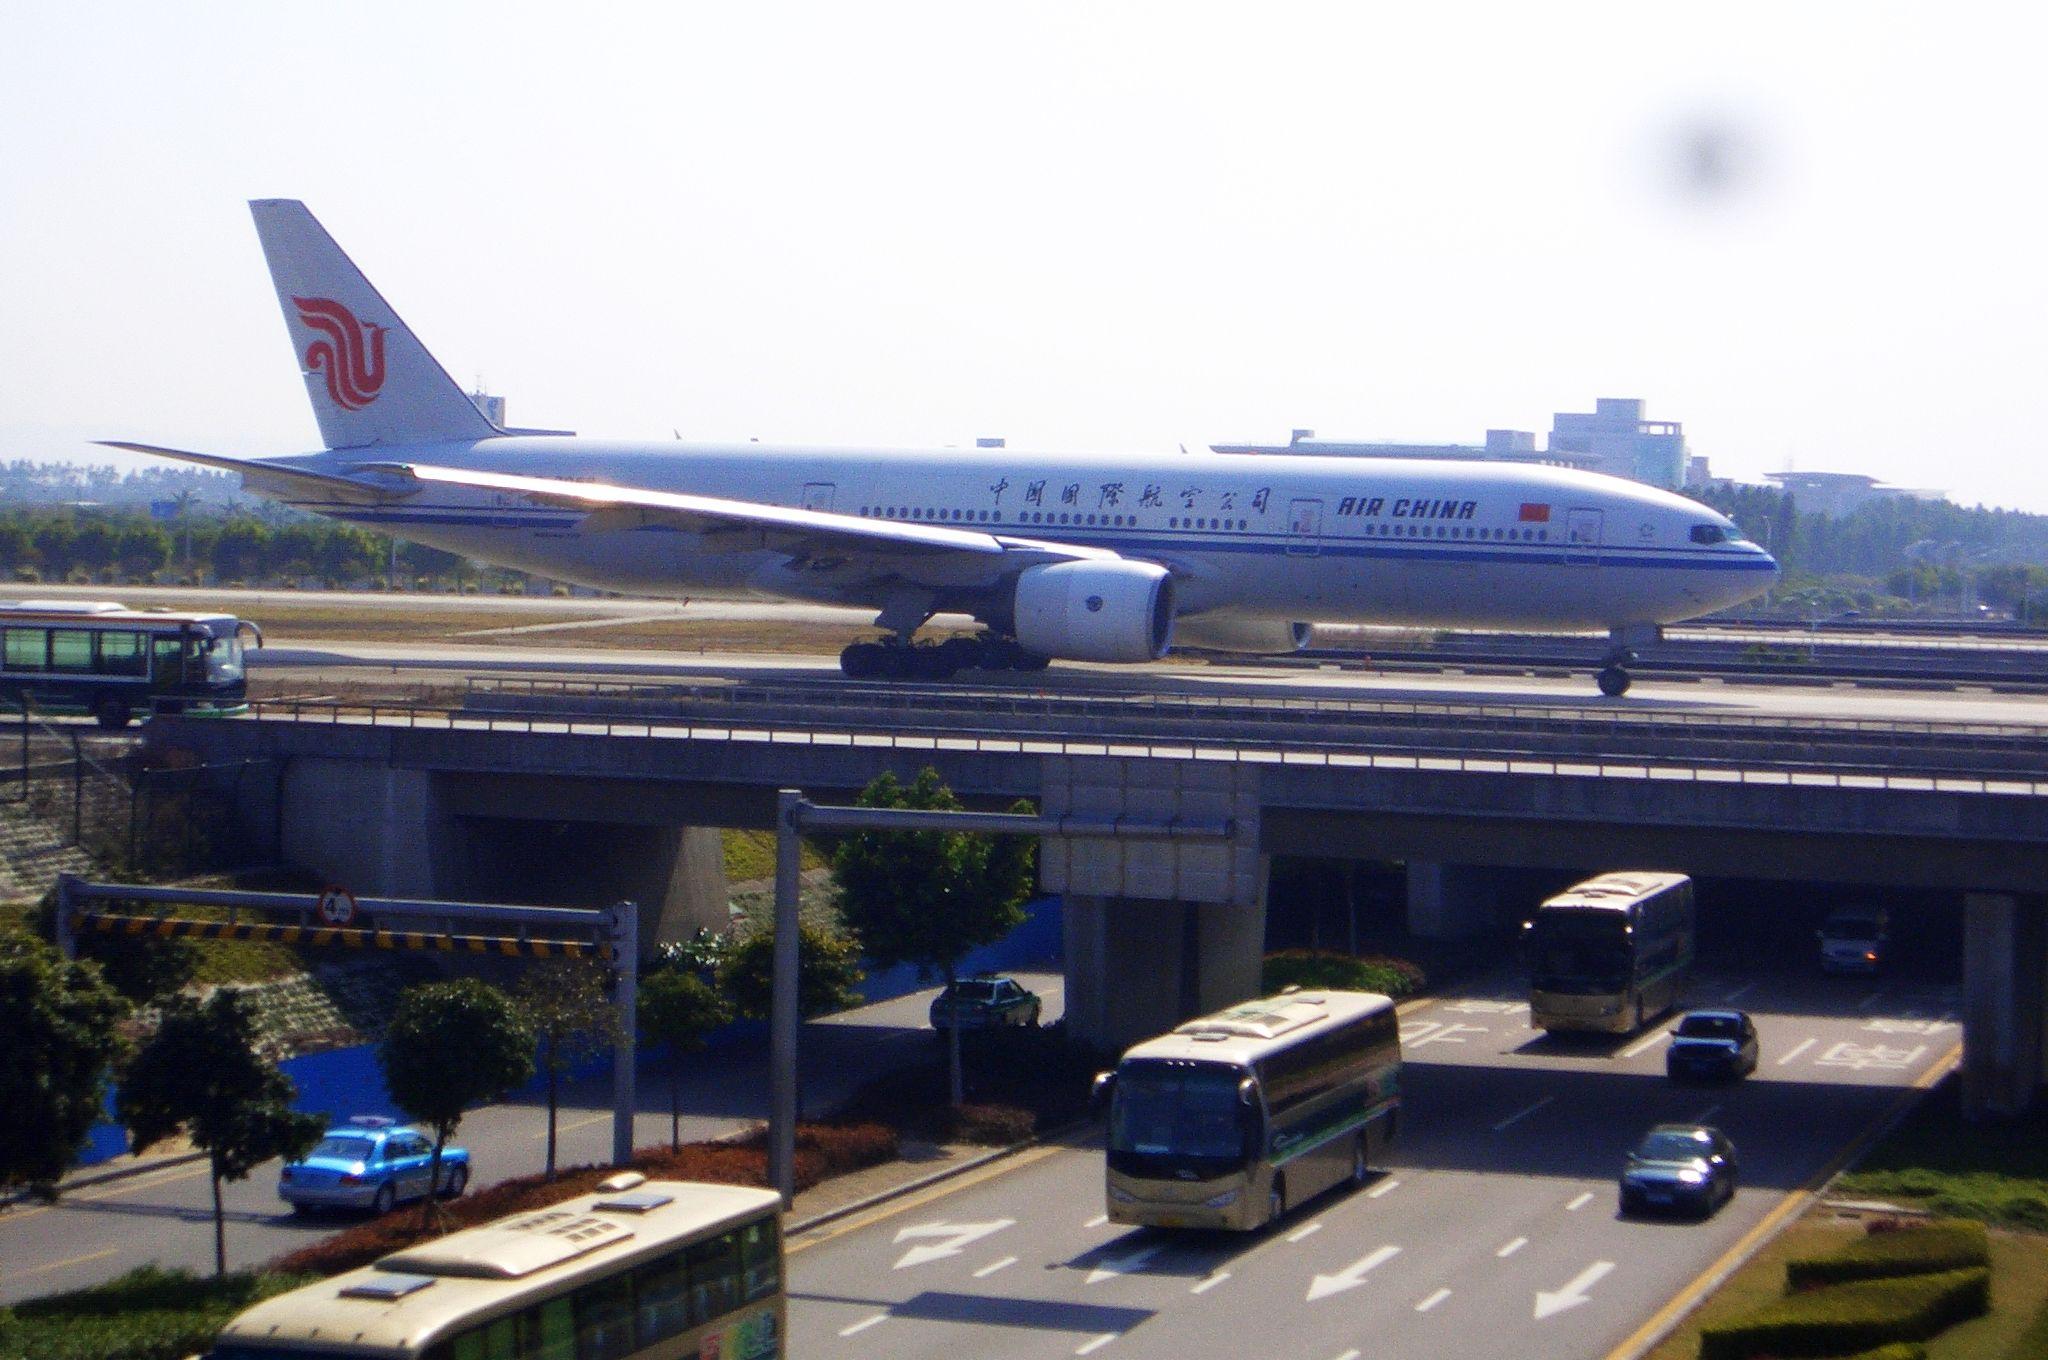 """Re:[原创]恢复信心后的第一次发帖,09年第一次活动(关键字:国航""""秀美四川""""号彩绘机) BOEING 777-200 B-2068 中国广州白云机场"""